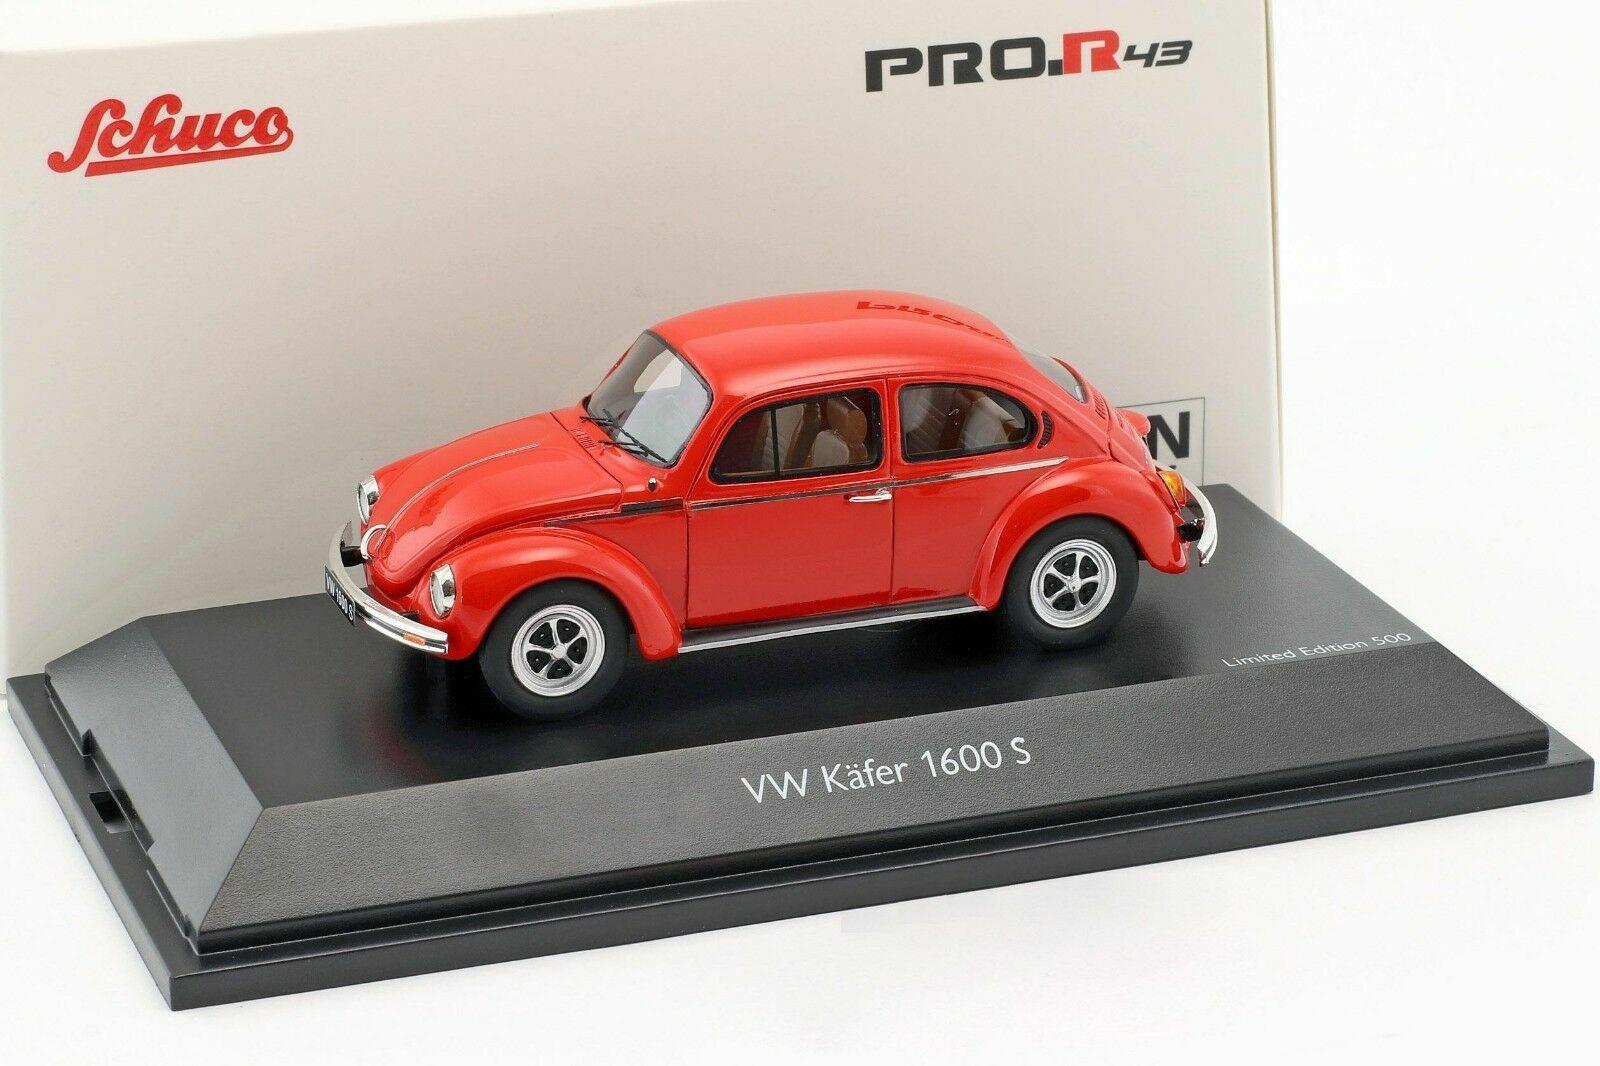 Schuco 1 43 Volkswagen Beetle 1600-S Super Bug red 450903900